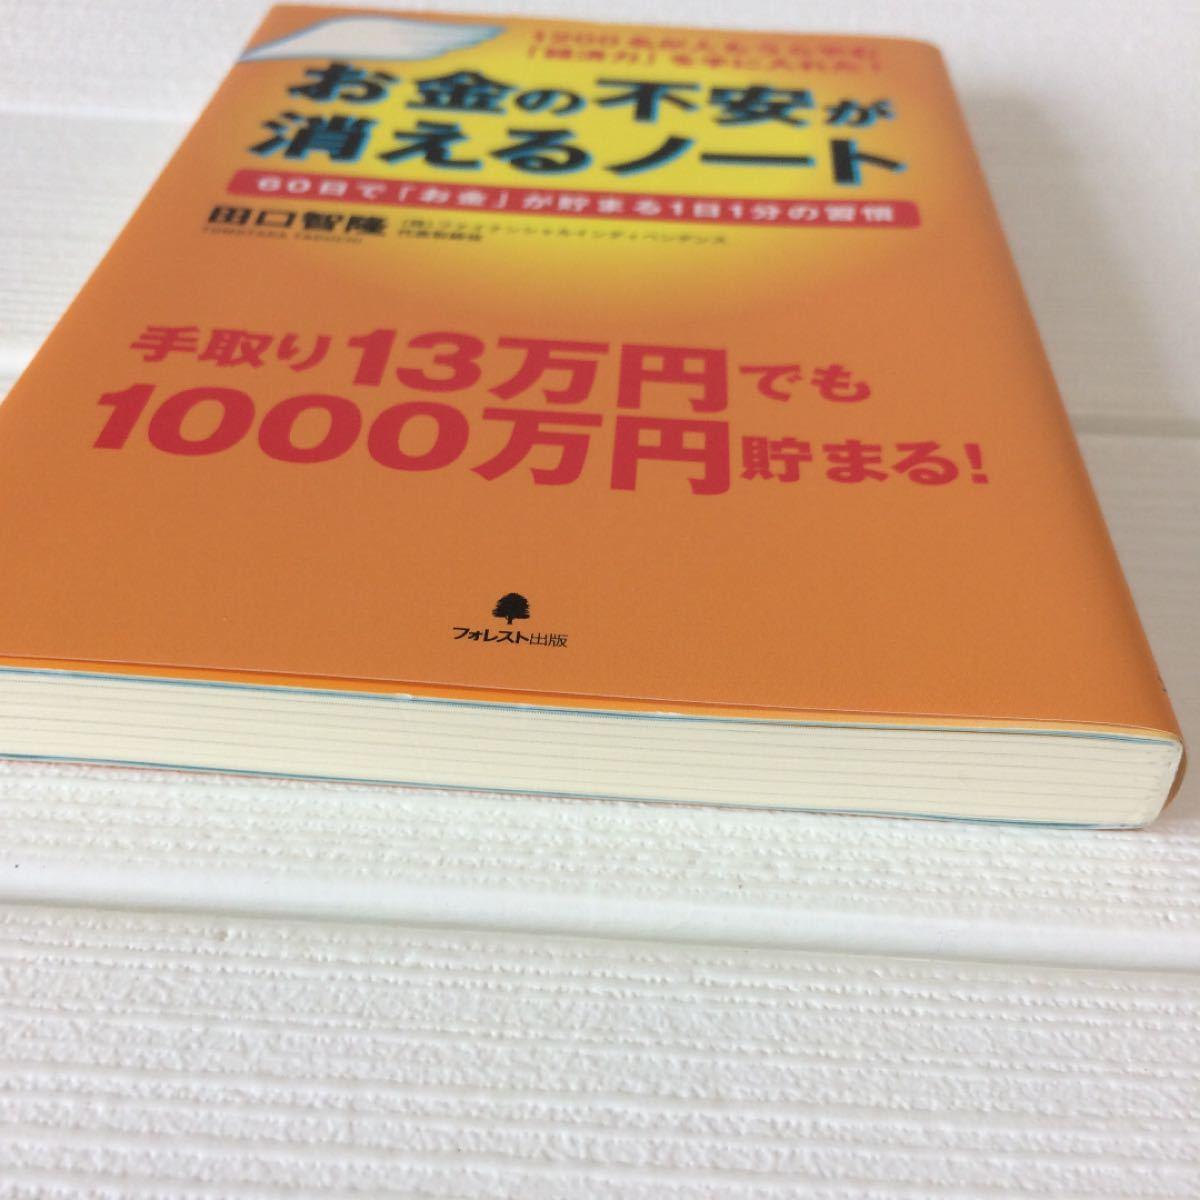 お金の不安が消えるノート : 1200名が人もうらやむ「経済力」を手に入れた!…